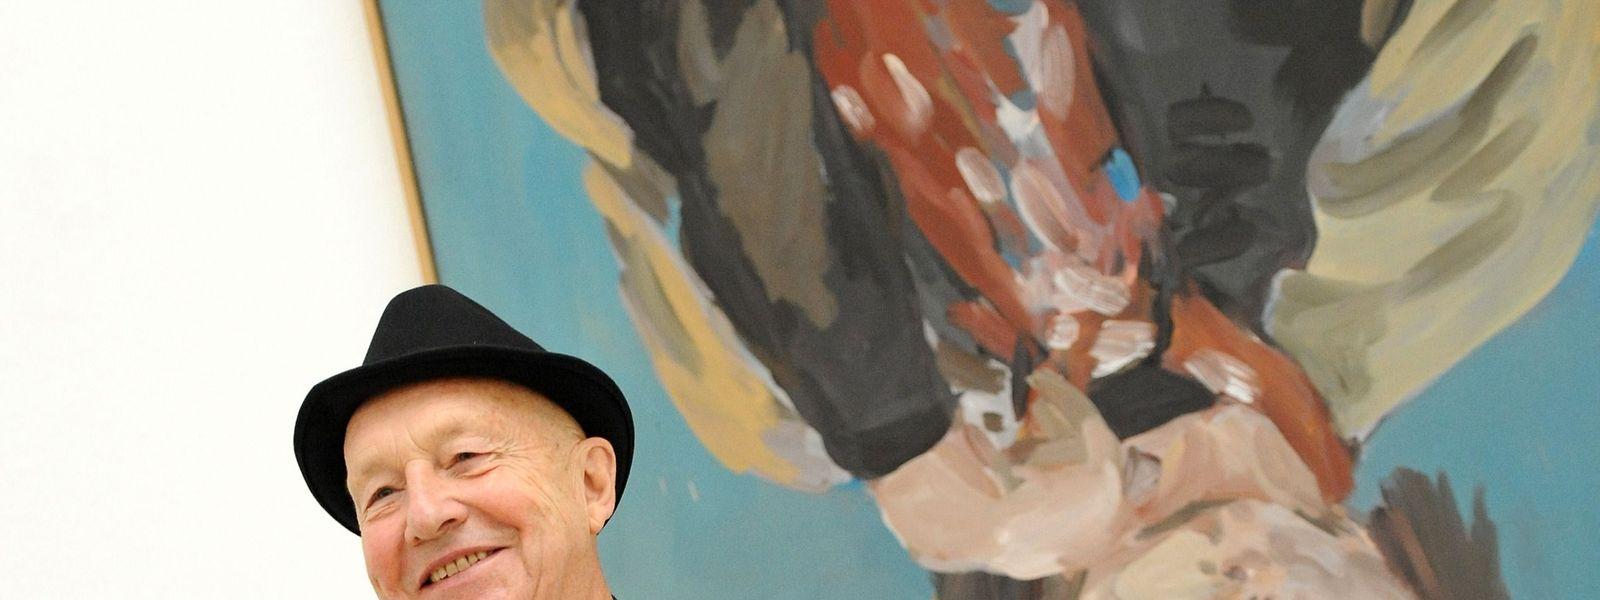 """Mit seinen""""Umkehrbildern"""" entwarf Georg Baselitz die Welt kopfüber neu."""